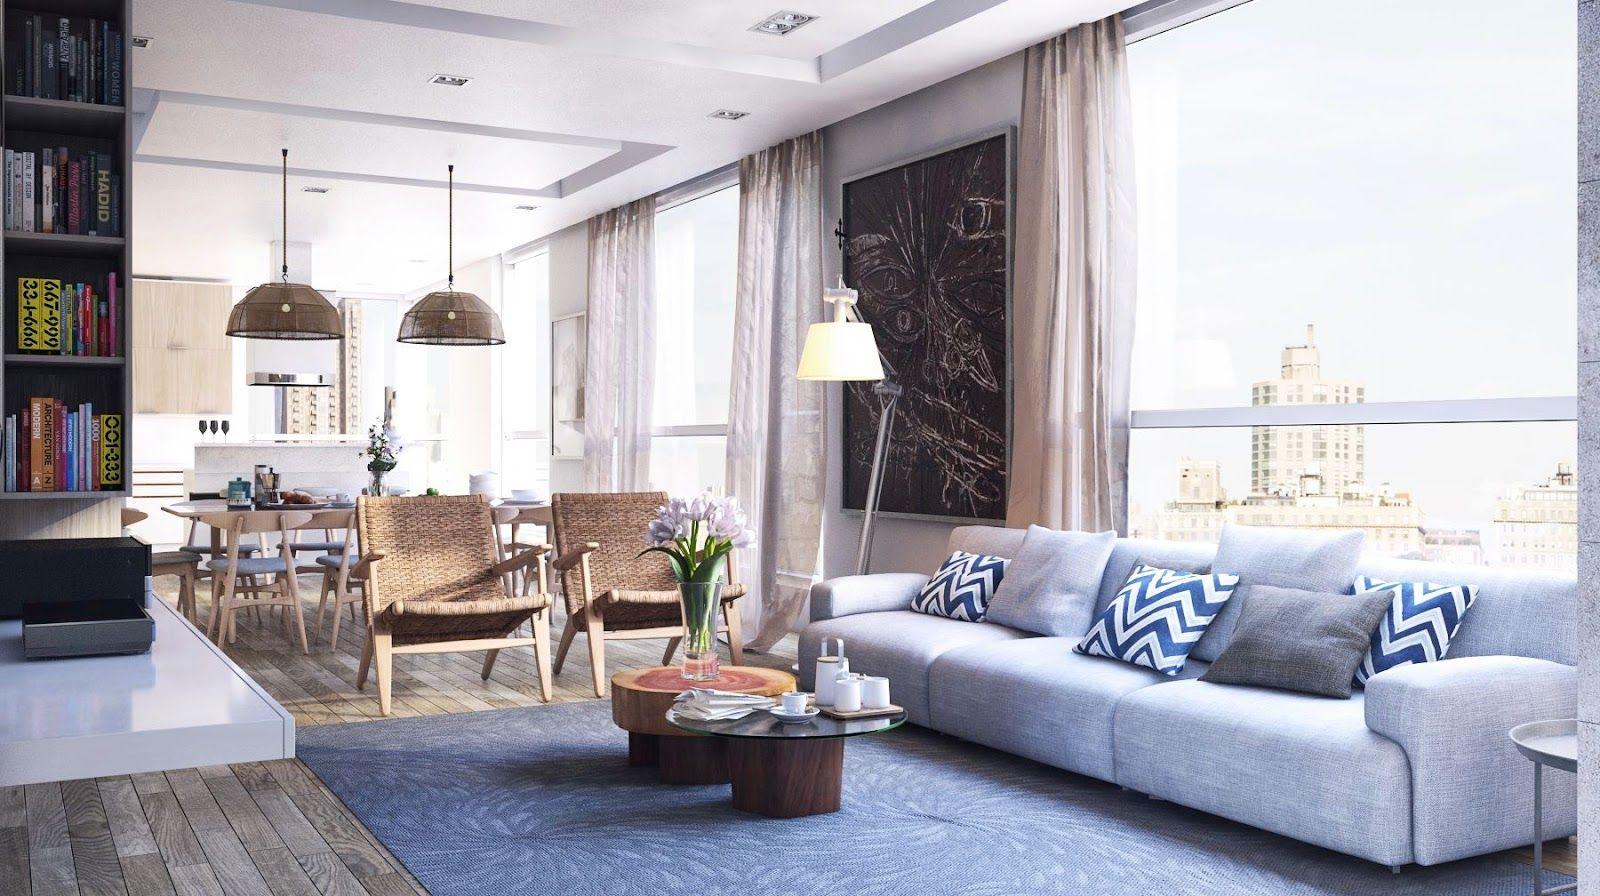 ehrfurchtiges wohnzimmer in grau mit holz bewährte bild der dbfeedbabfdbfe